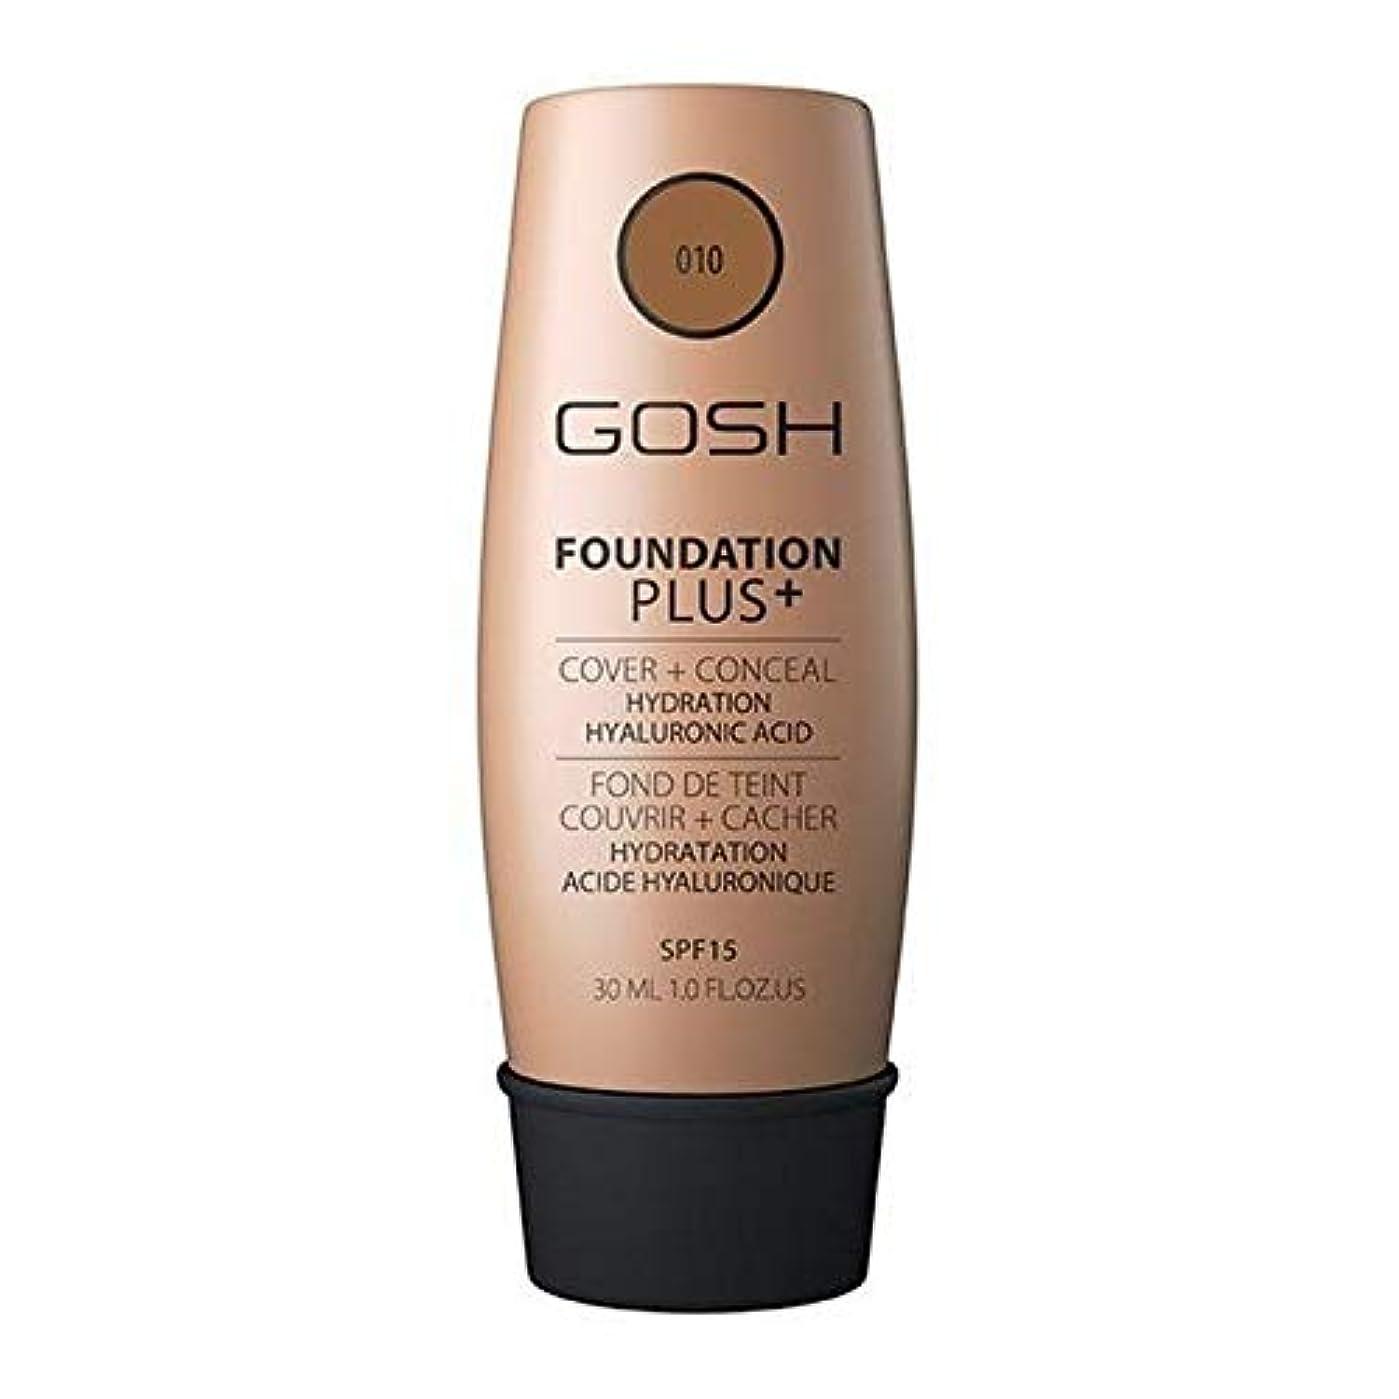 説明オークション埋める[GOSH ] おやっ基盤プラス+日焼け010 - Gosh Foundation Plus+ Tan 010 [並行輸入品]